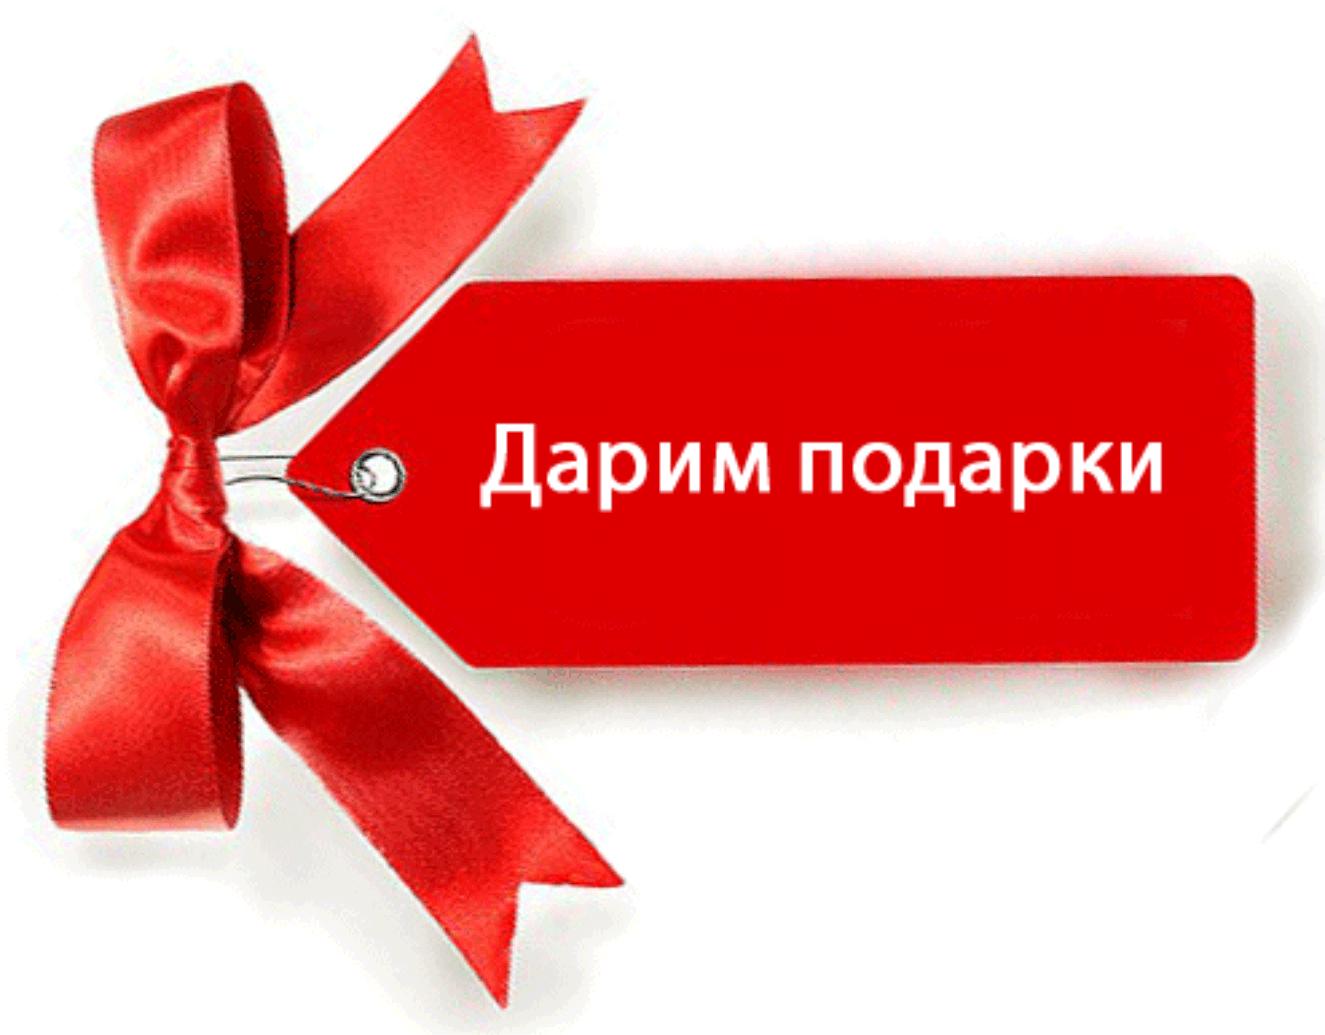 Подарки почтой Бесплатные пробники и товары по почте. Каталоги, акции